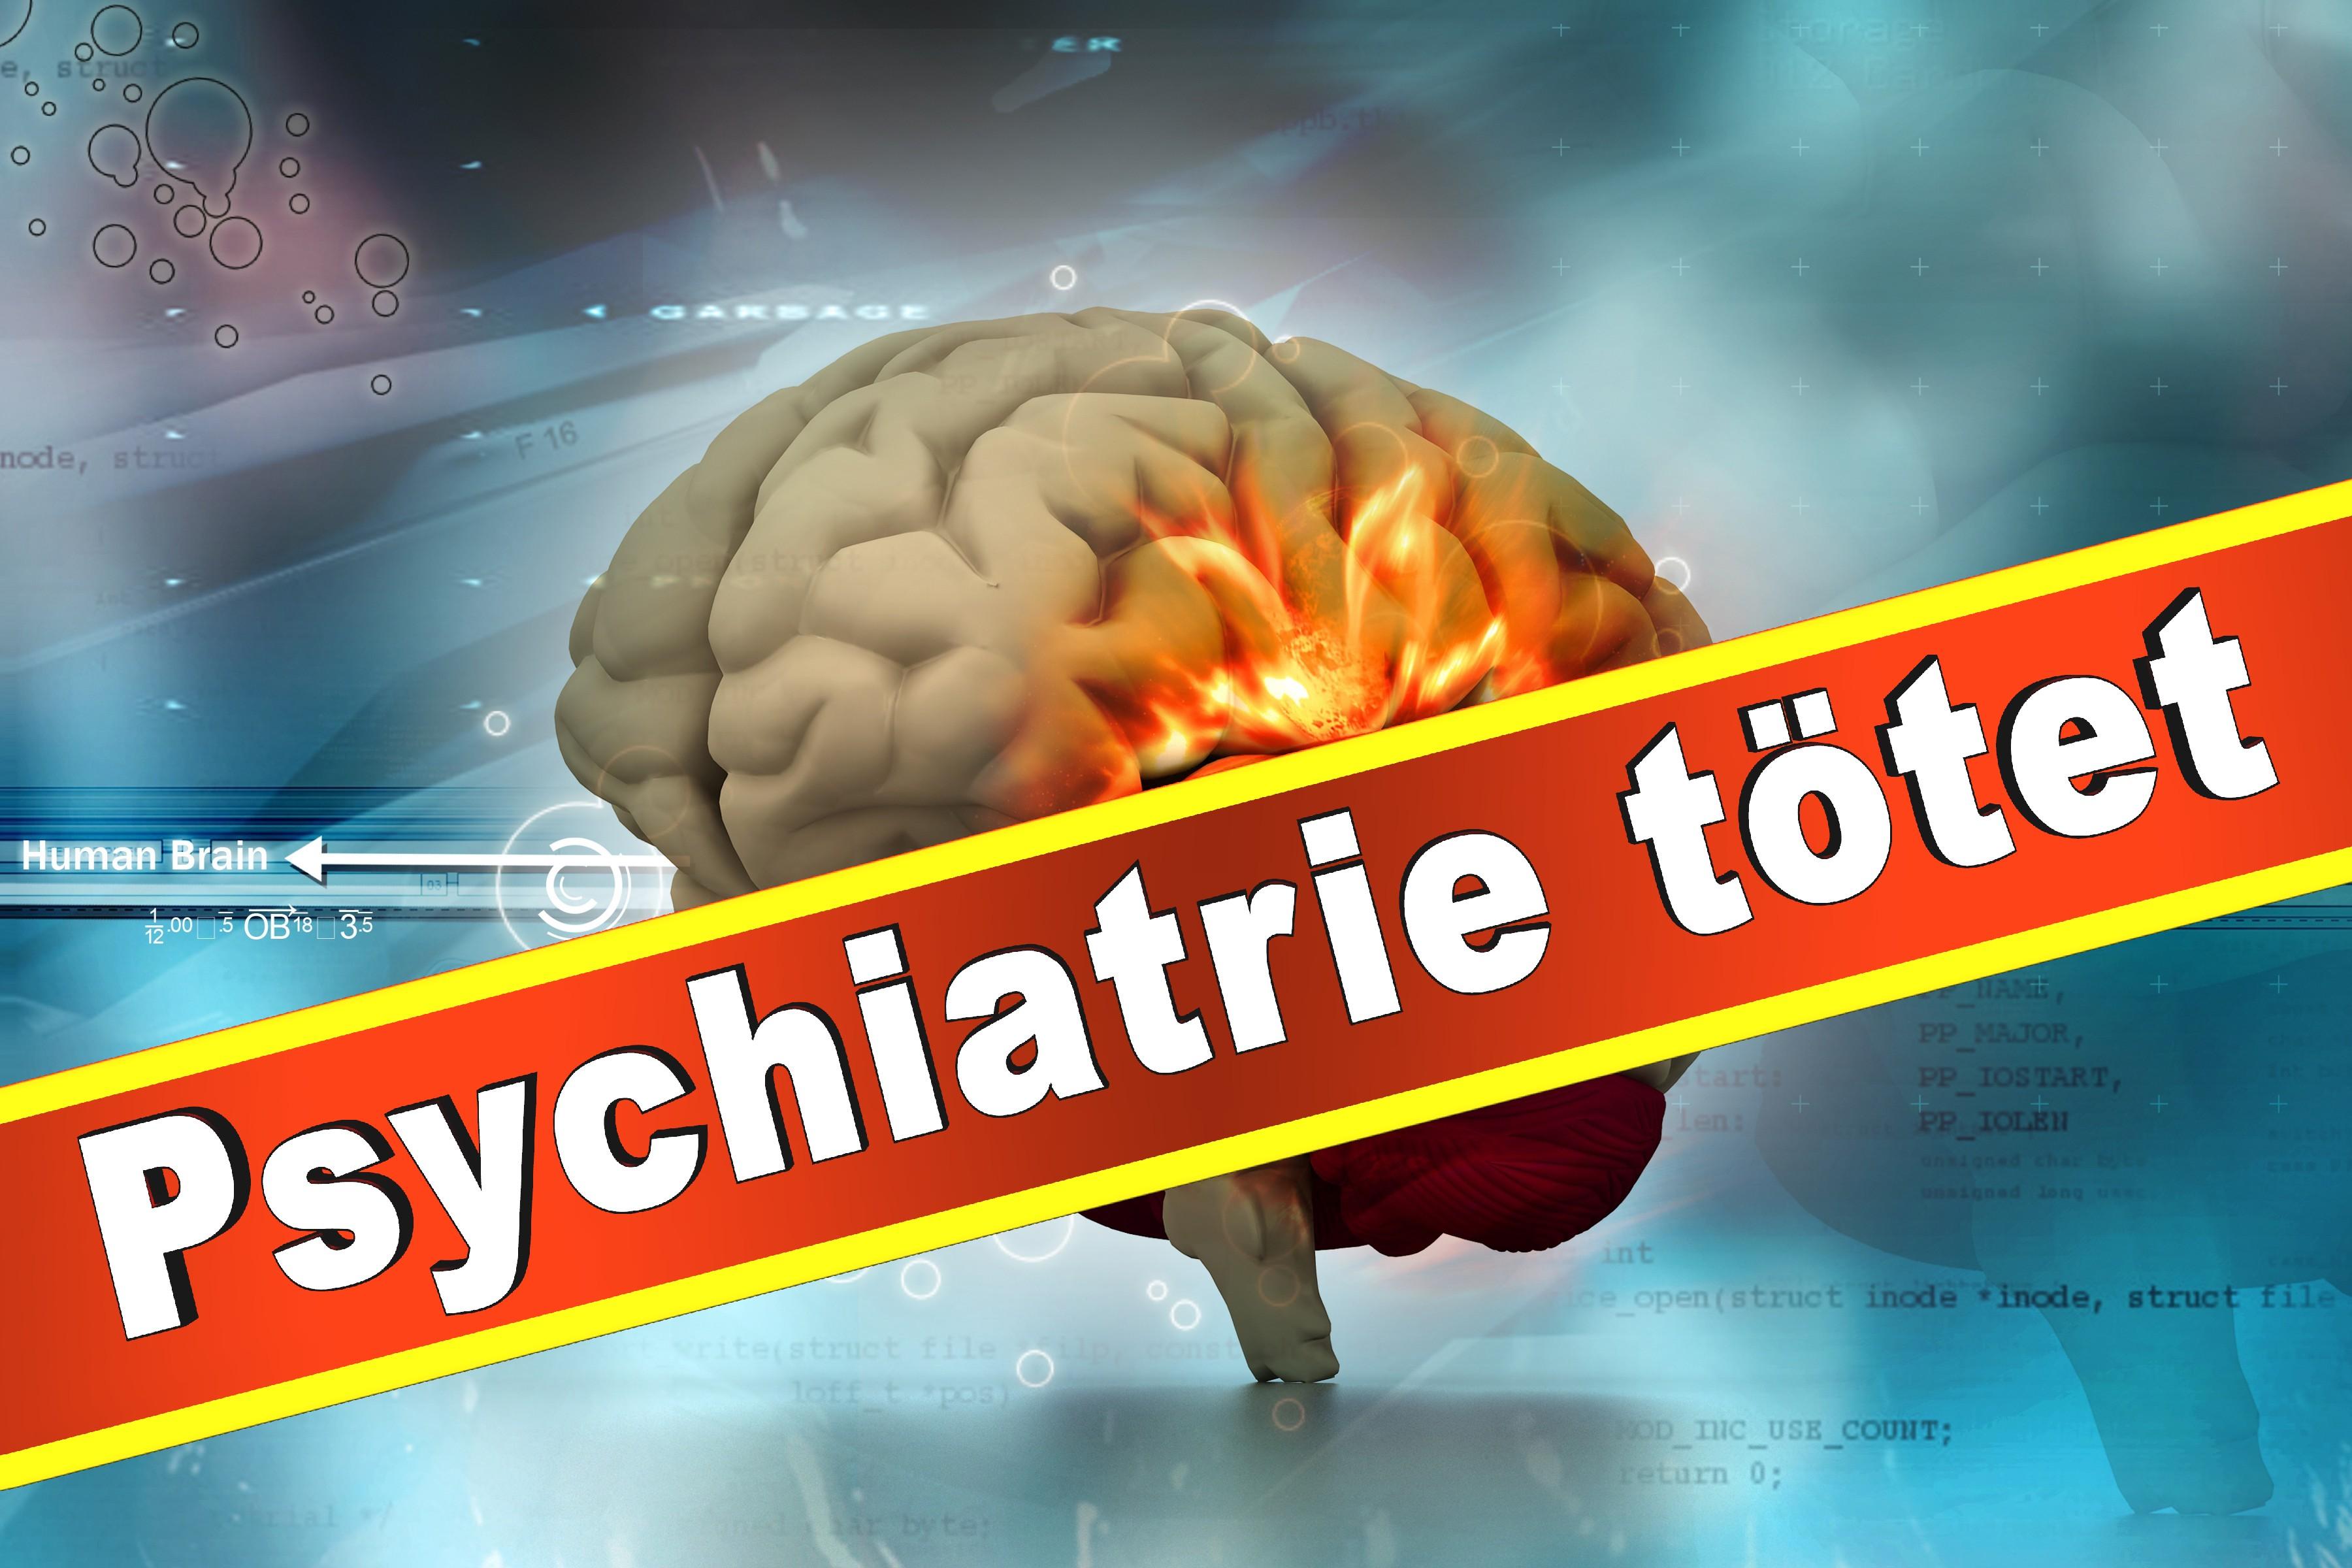 Carl Ernst Von Schönfeld Tagesklinik Psychiatrie Tod Bethel Psychiater Korruption Gift Zwangspsychiatrie Unterbringung (9)